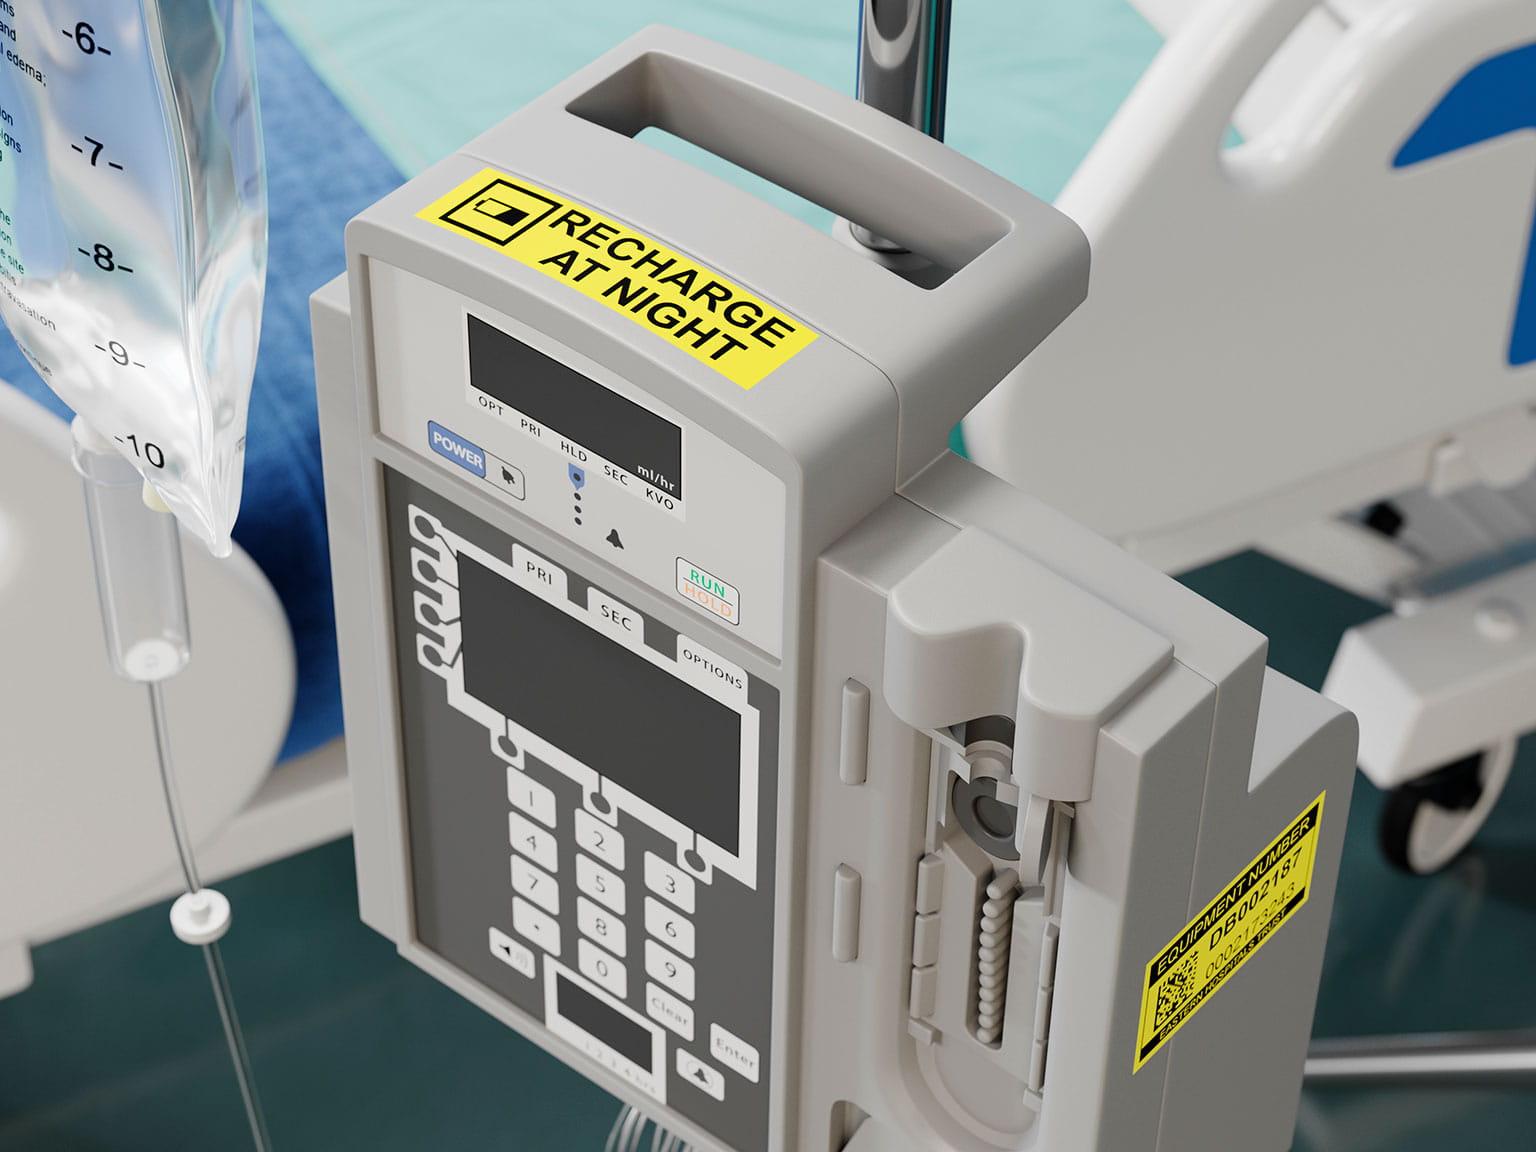 Provozní pokyny na zdravotnickém vybavení